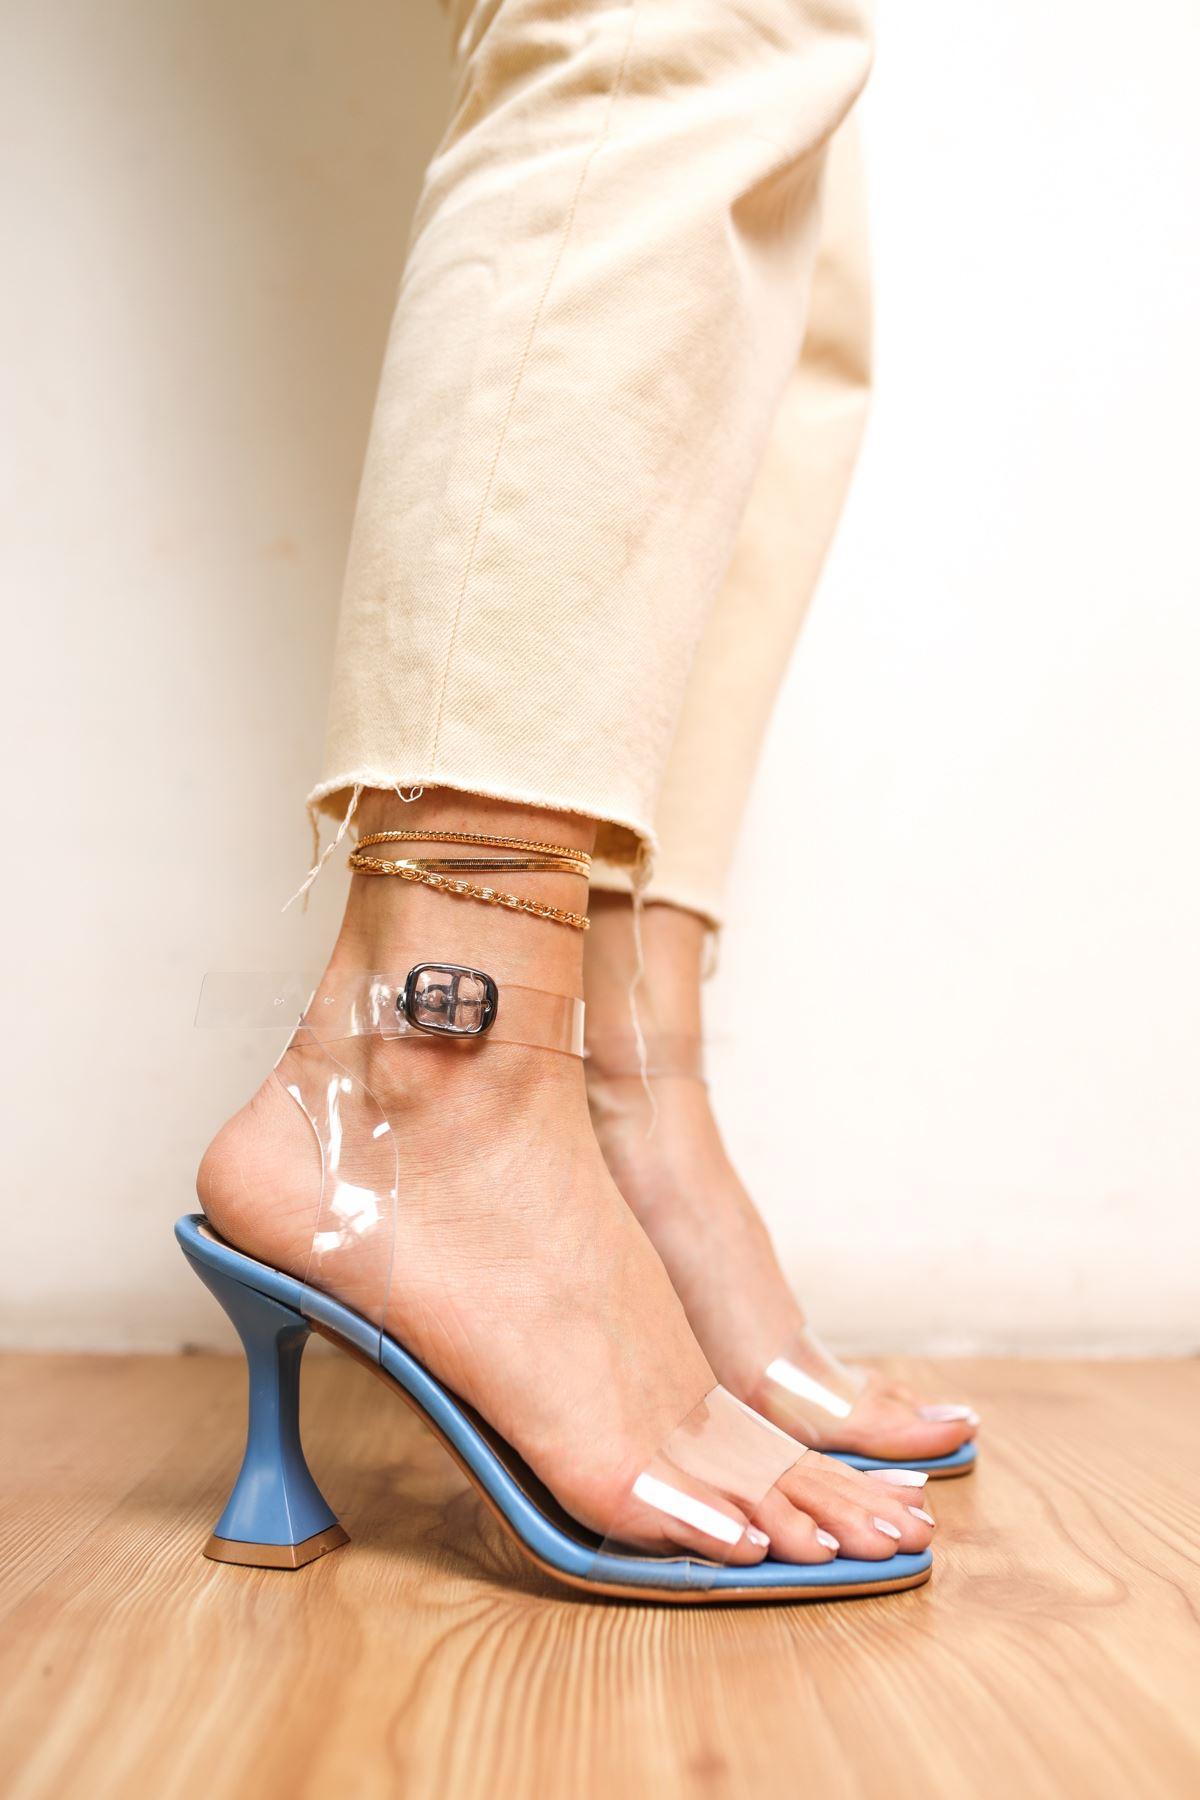 Oleg Mavi Mat Deri Şeffaf Kadın Topuklu Ayakkabı